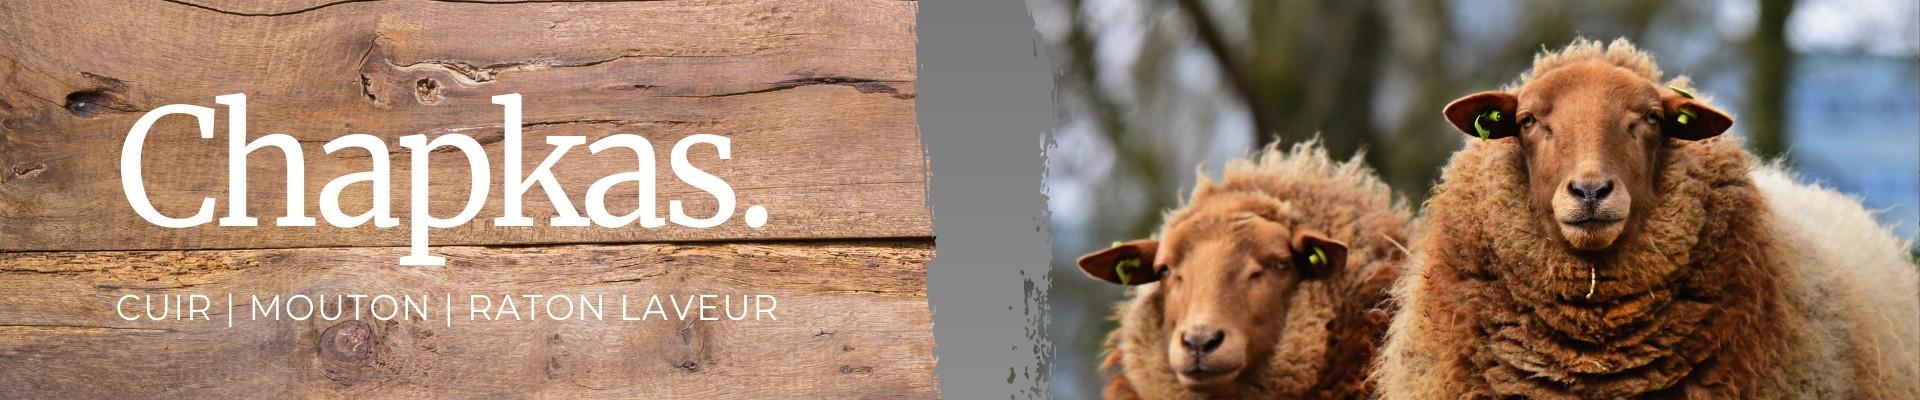 Sheepskin trapper hats